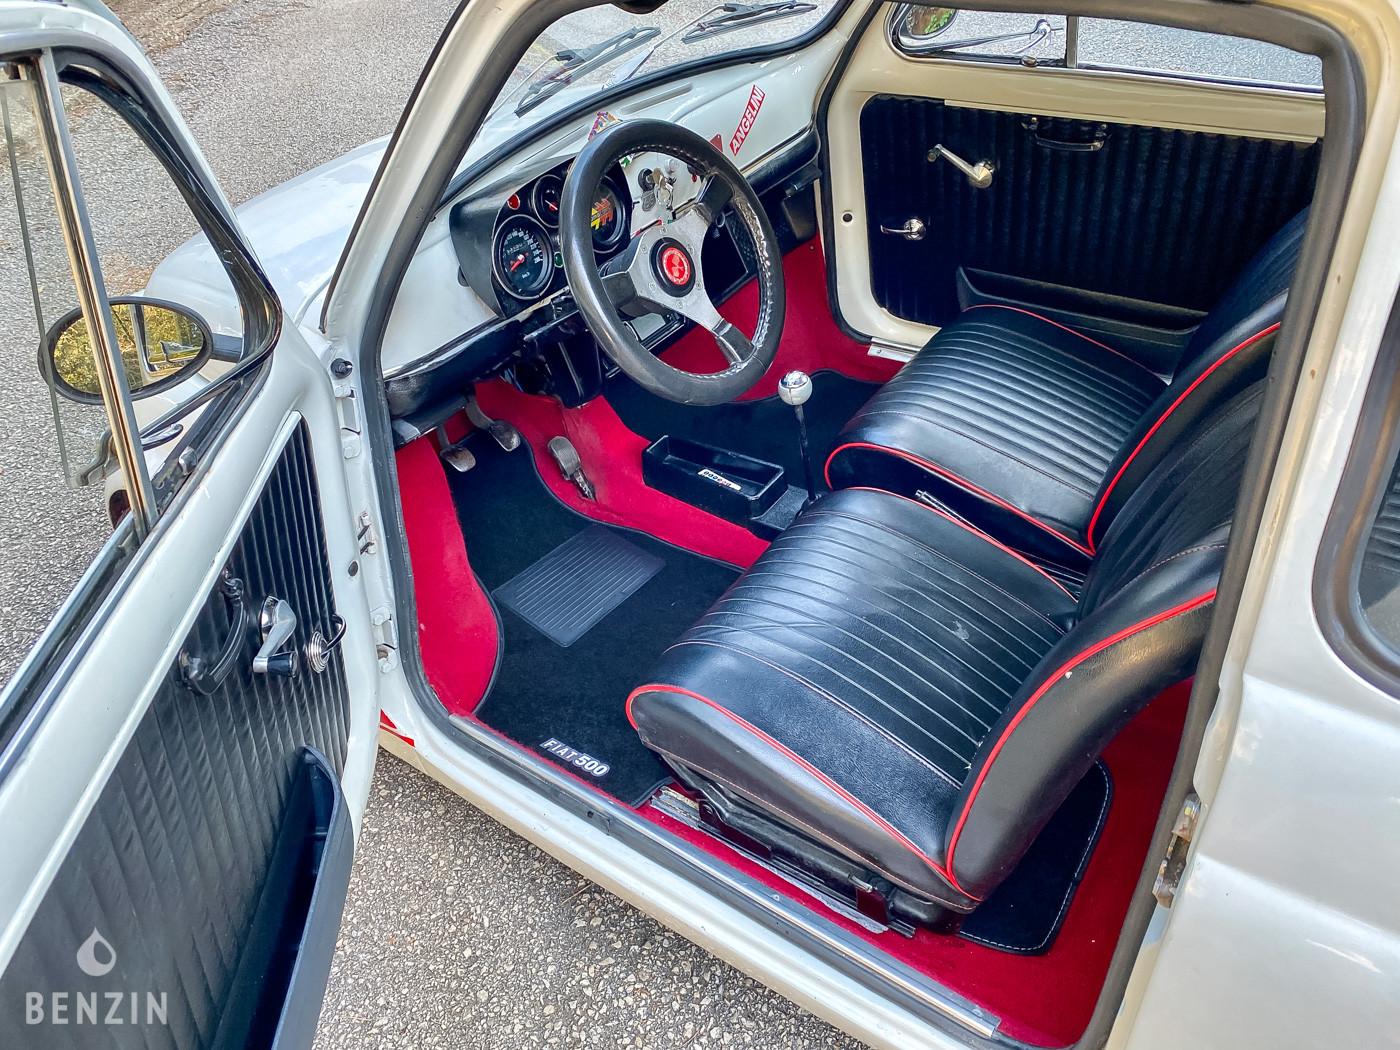 Fiat 500 F 595 Abarth for sale à vendre in vendita